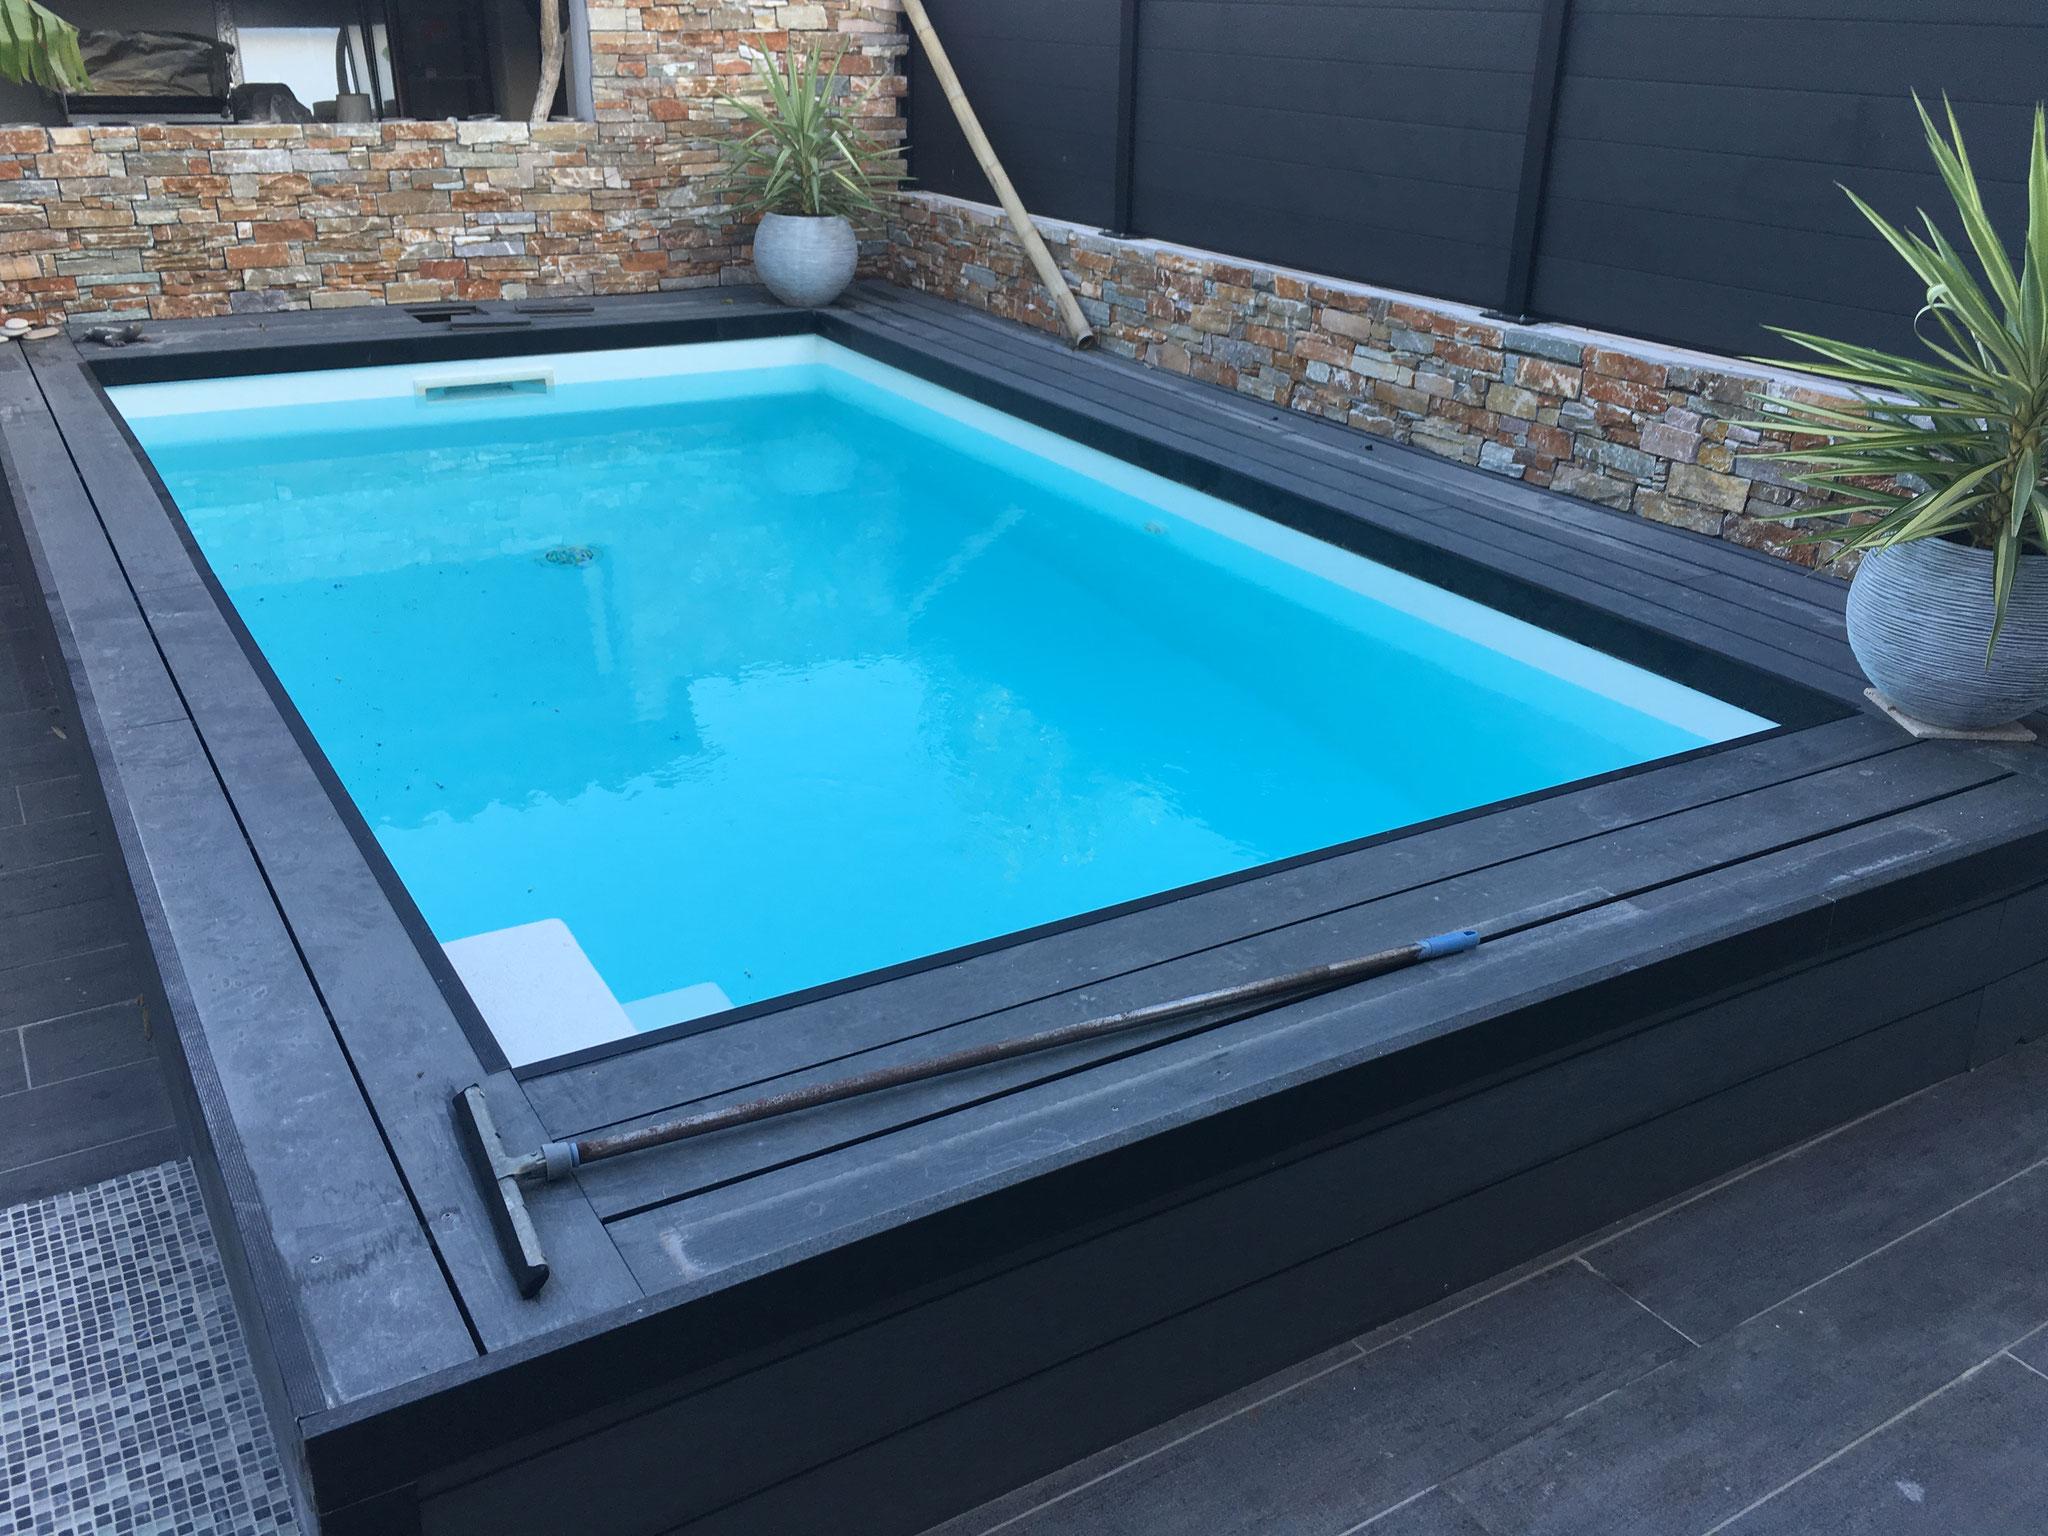 eau bleu dans piscine blanche